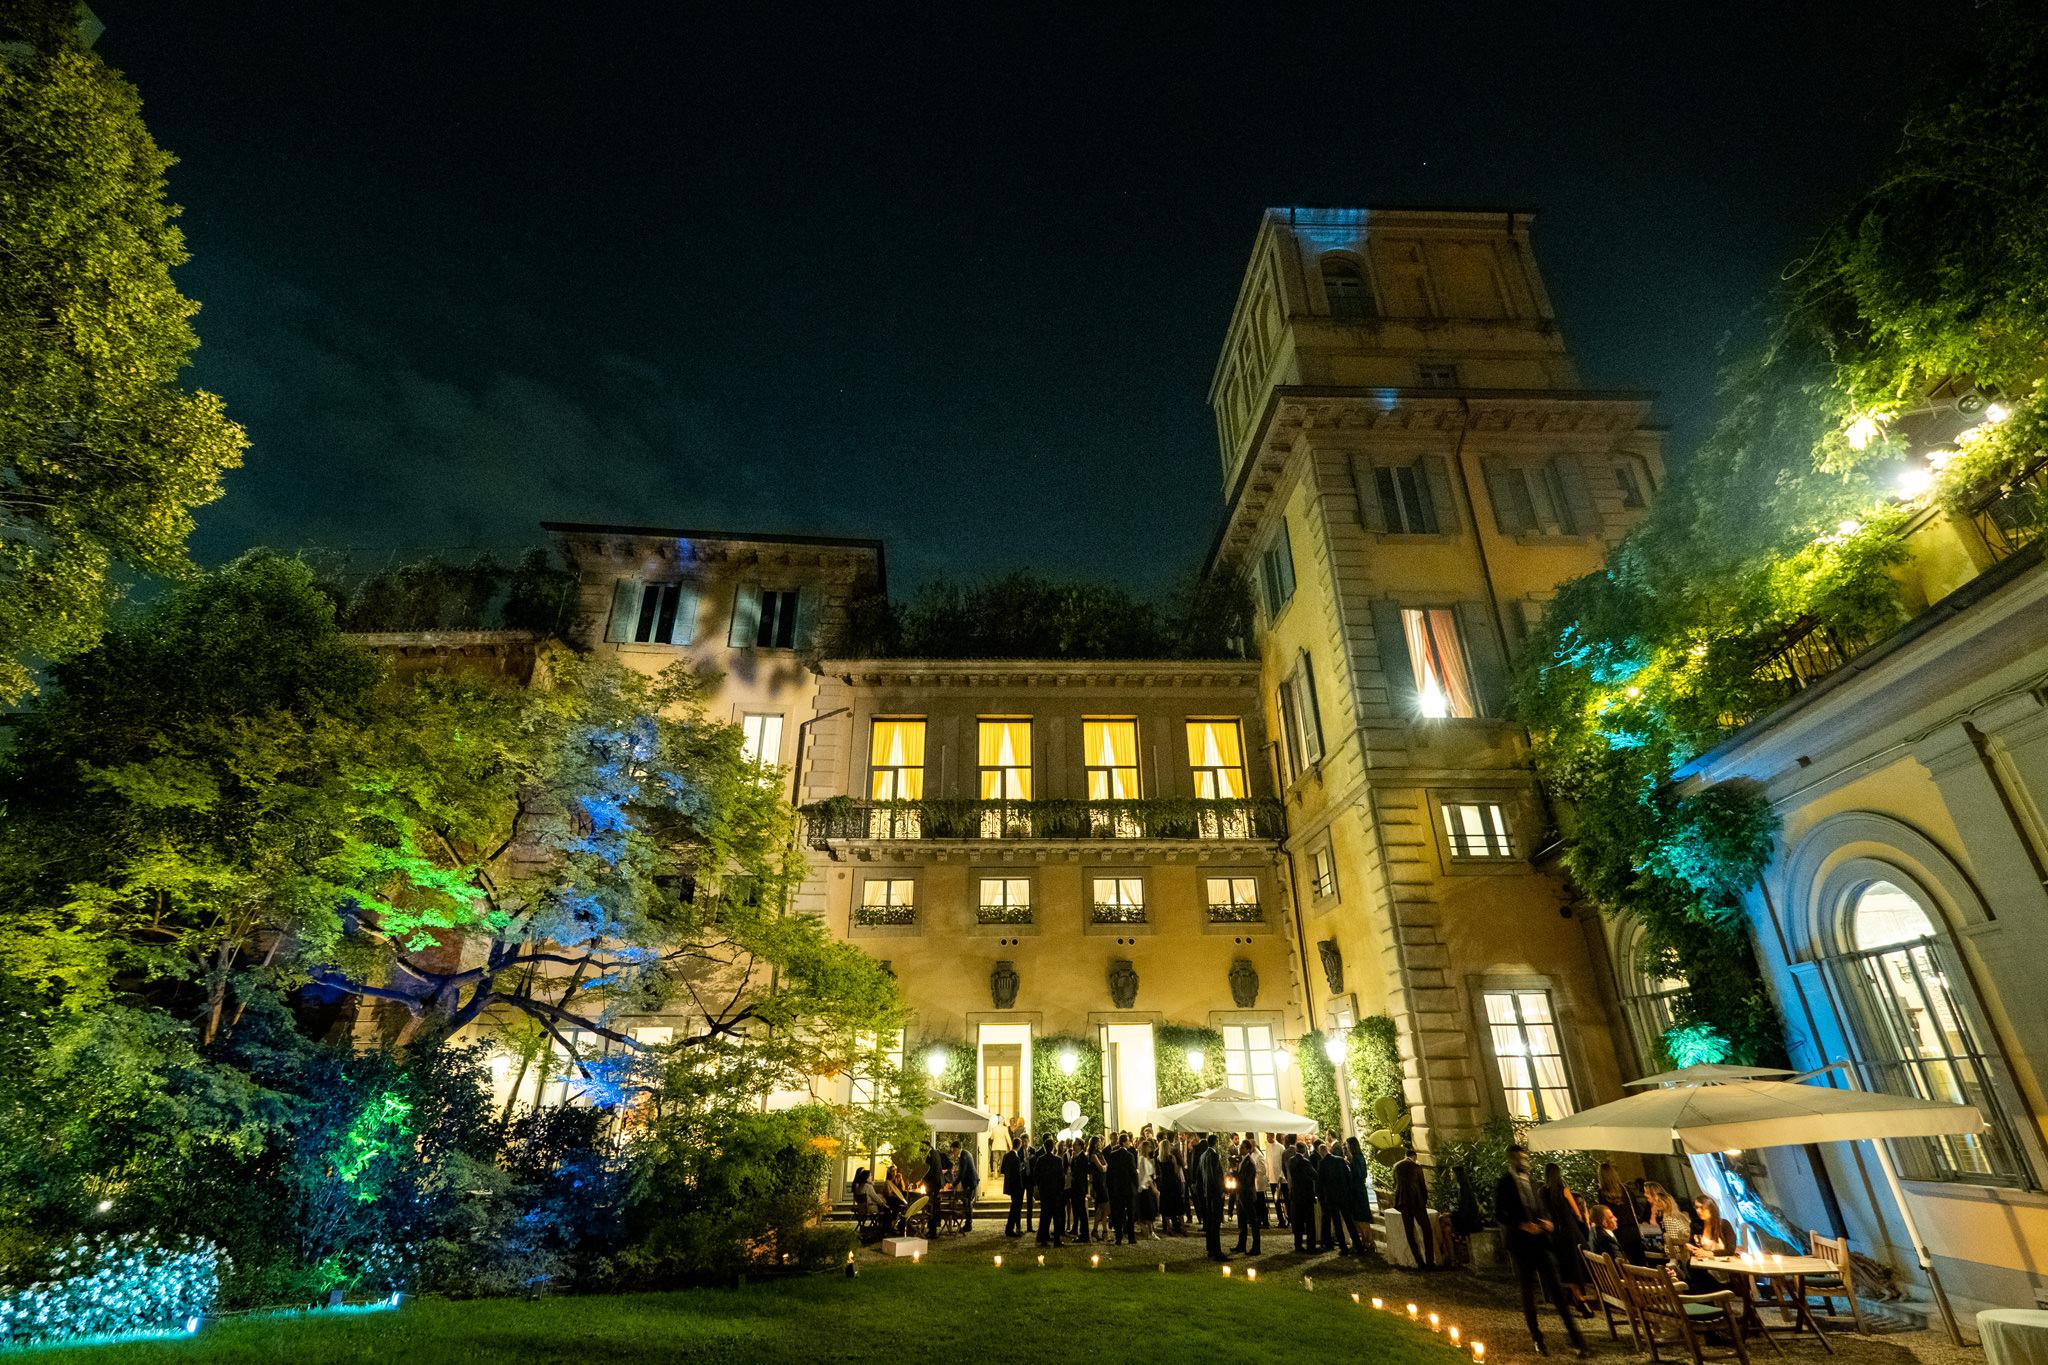 Una panoramica dal cortile della location che ospita il quarantesimo anniversario dello studio legale Rucellai e Raffaelli